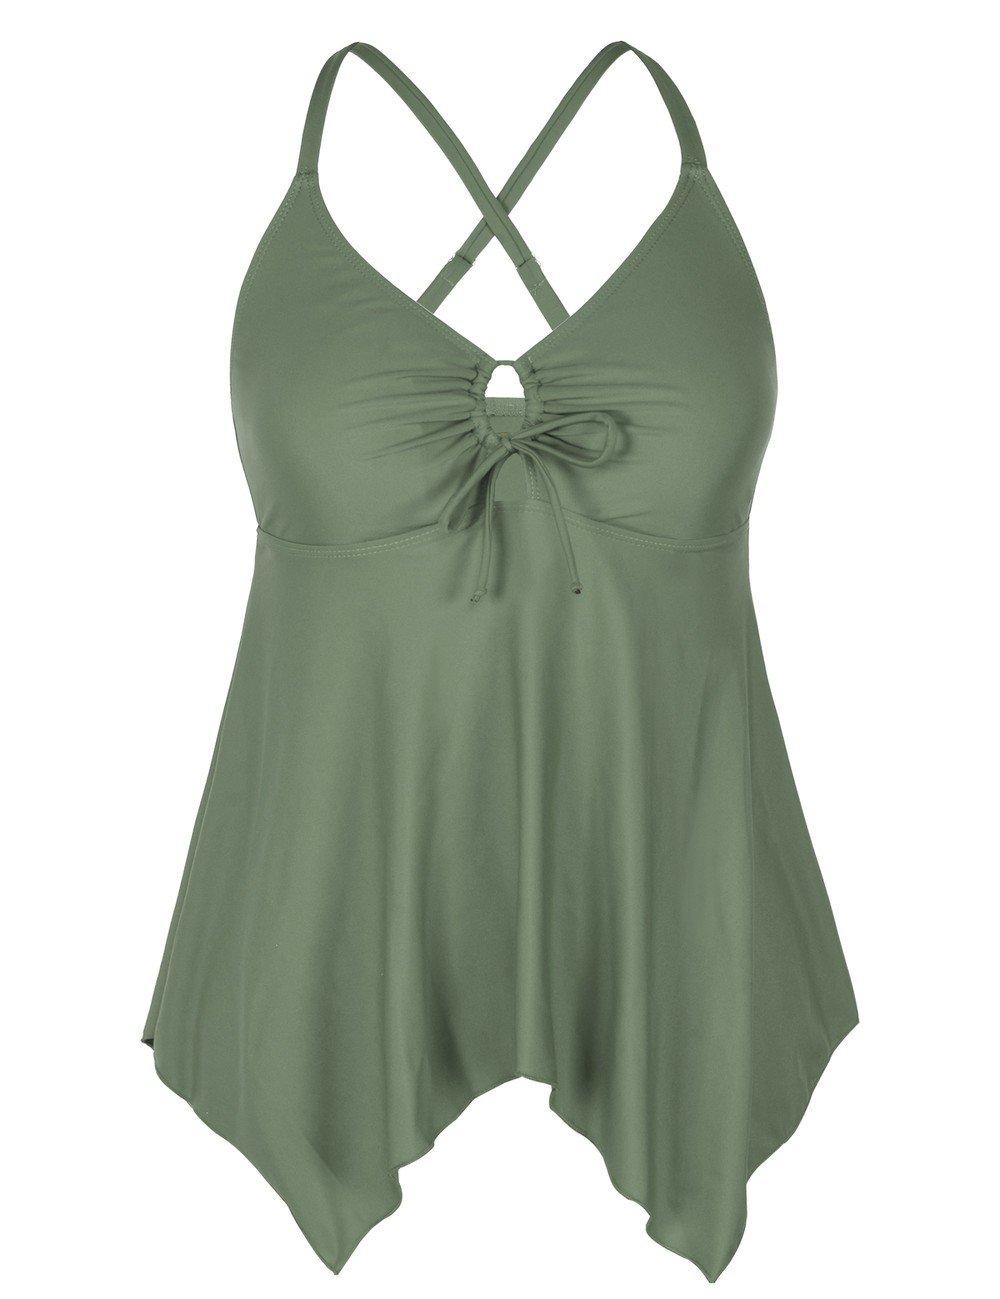 Mycoco Women's Tummy Control Front Tie Swim Top Cross Back Tankini Top Flowy Swimdress Army Green 22